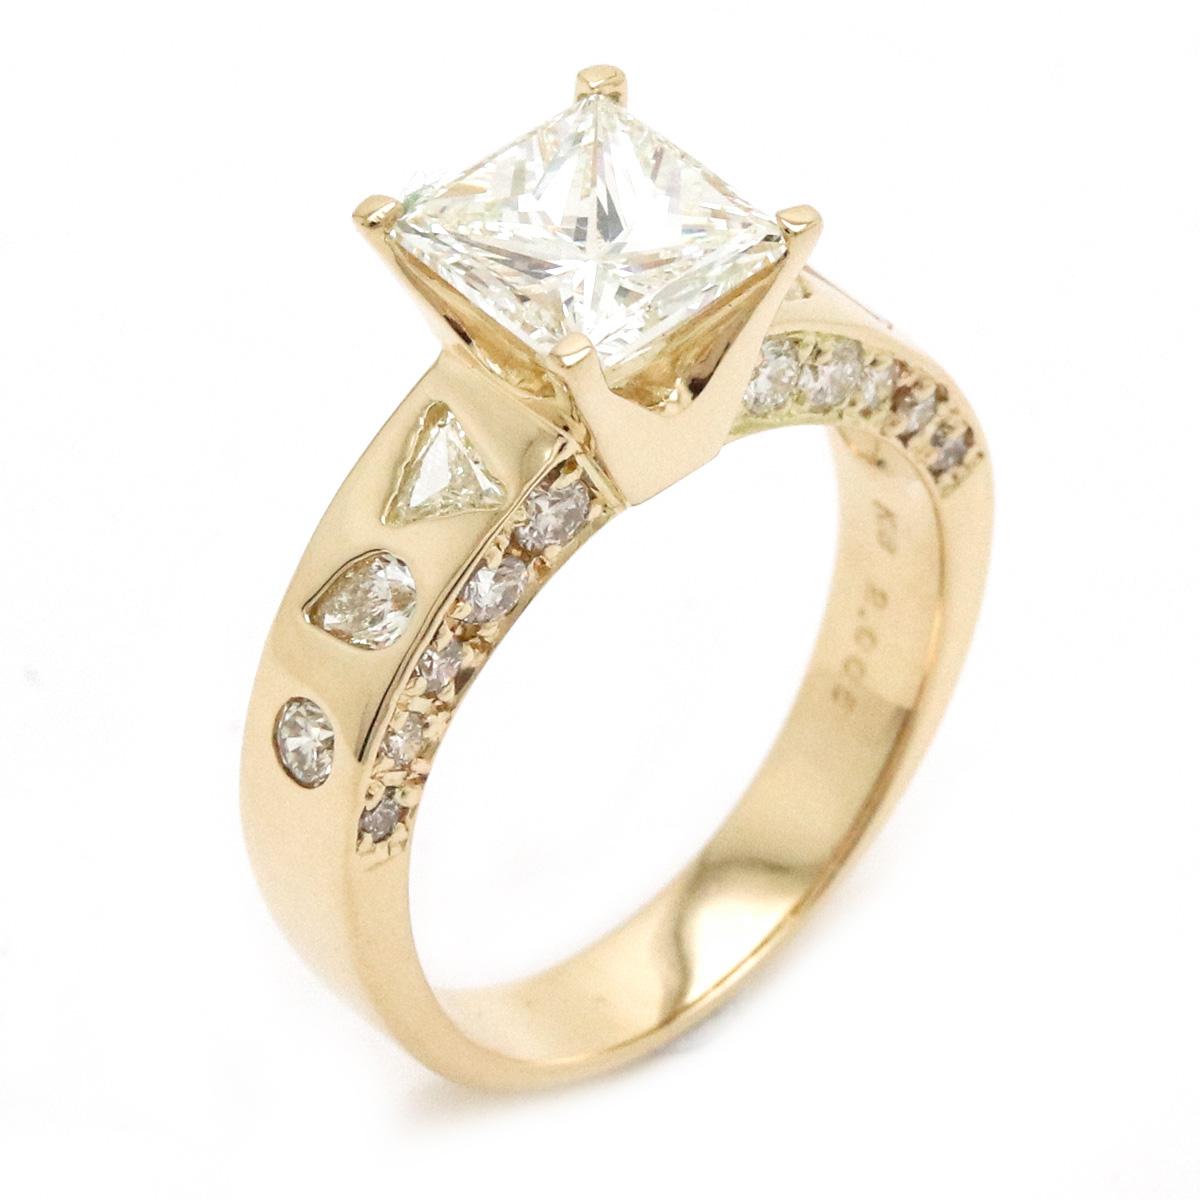 【ジュエリー】【新品仕上げ済み】ダイヤモンド リング 指輪 プリンセスカット 2.005ct 1.00ct K18YG 750YG 15号#55 【中古】